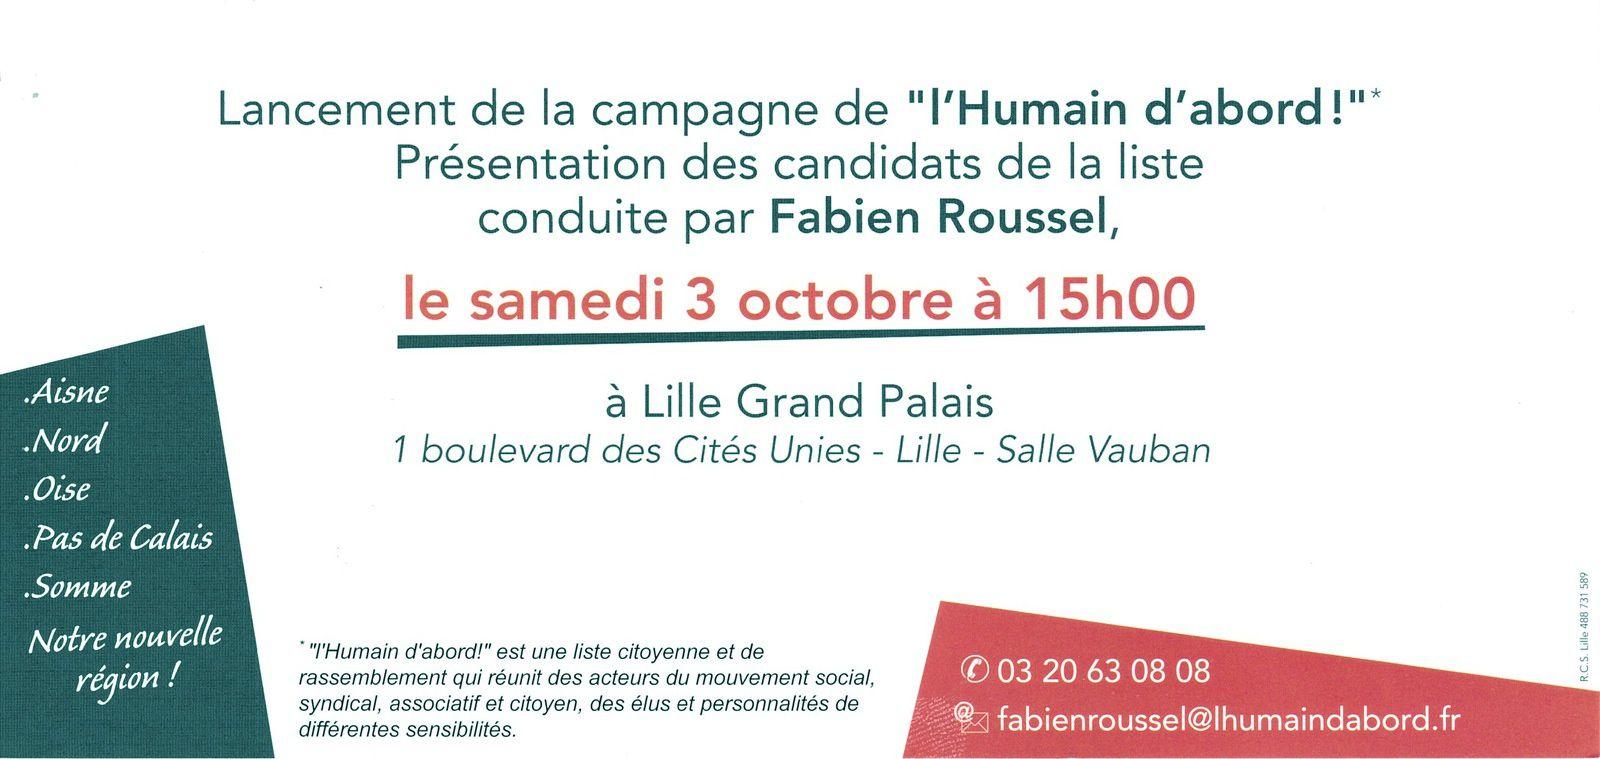 """Régionales Nord Pas de Calais Picardie:  Lancement de la campagne de """"L'HUMAIN D'ABORD"""" à Lille Grand Palais."""